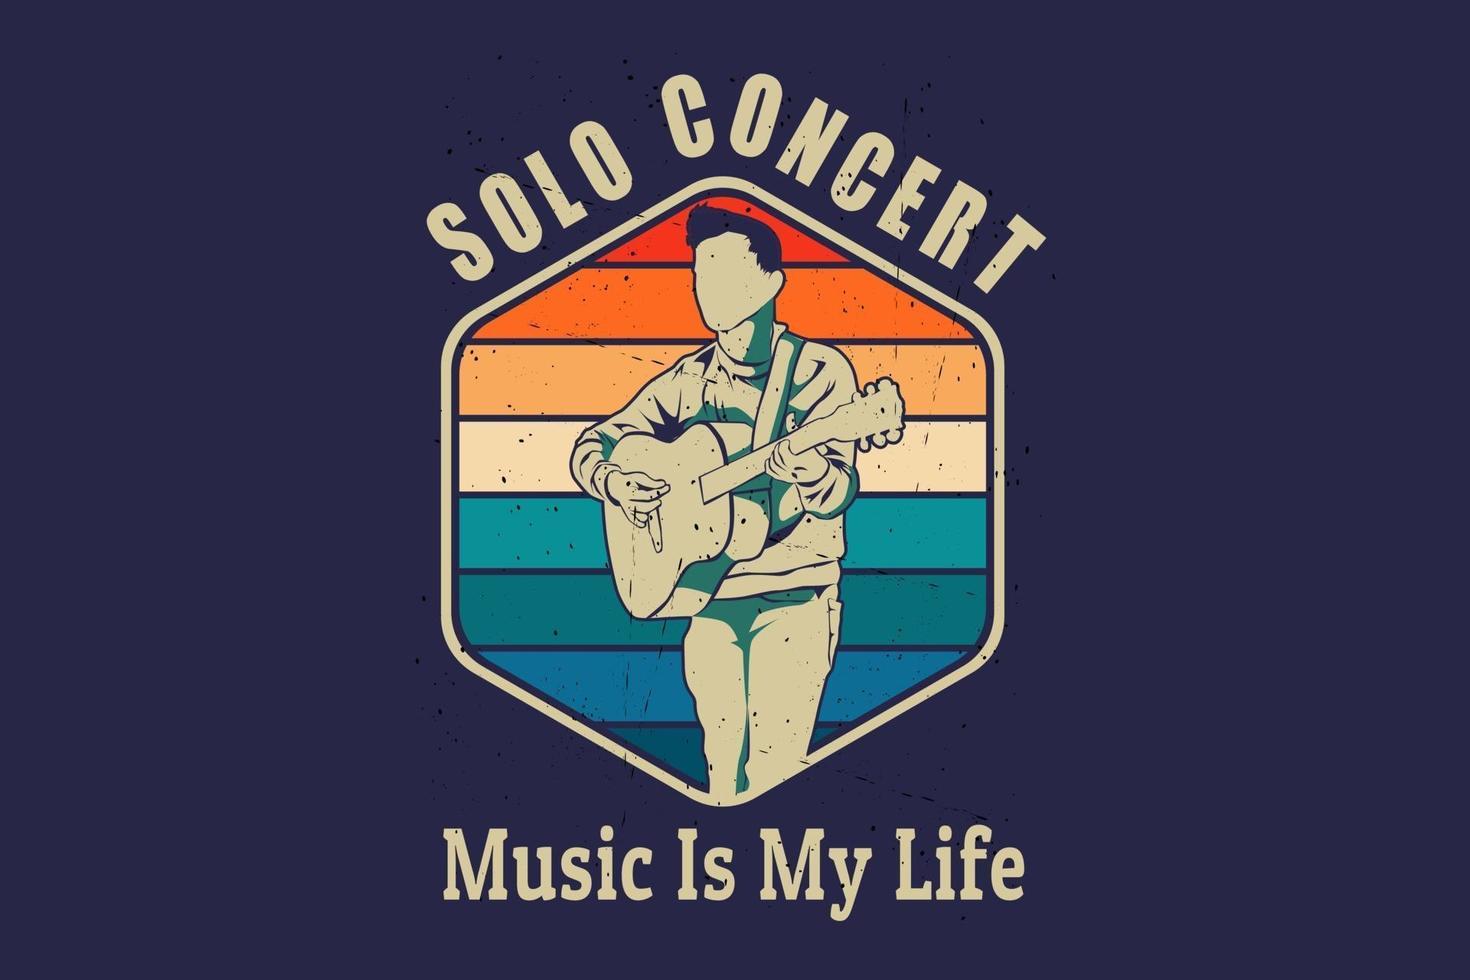 música é o design da silhueta da minha vida vetor